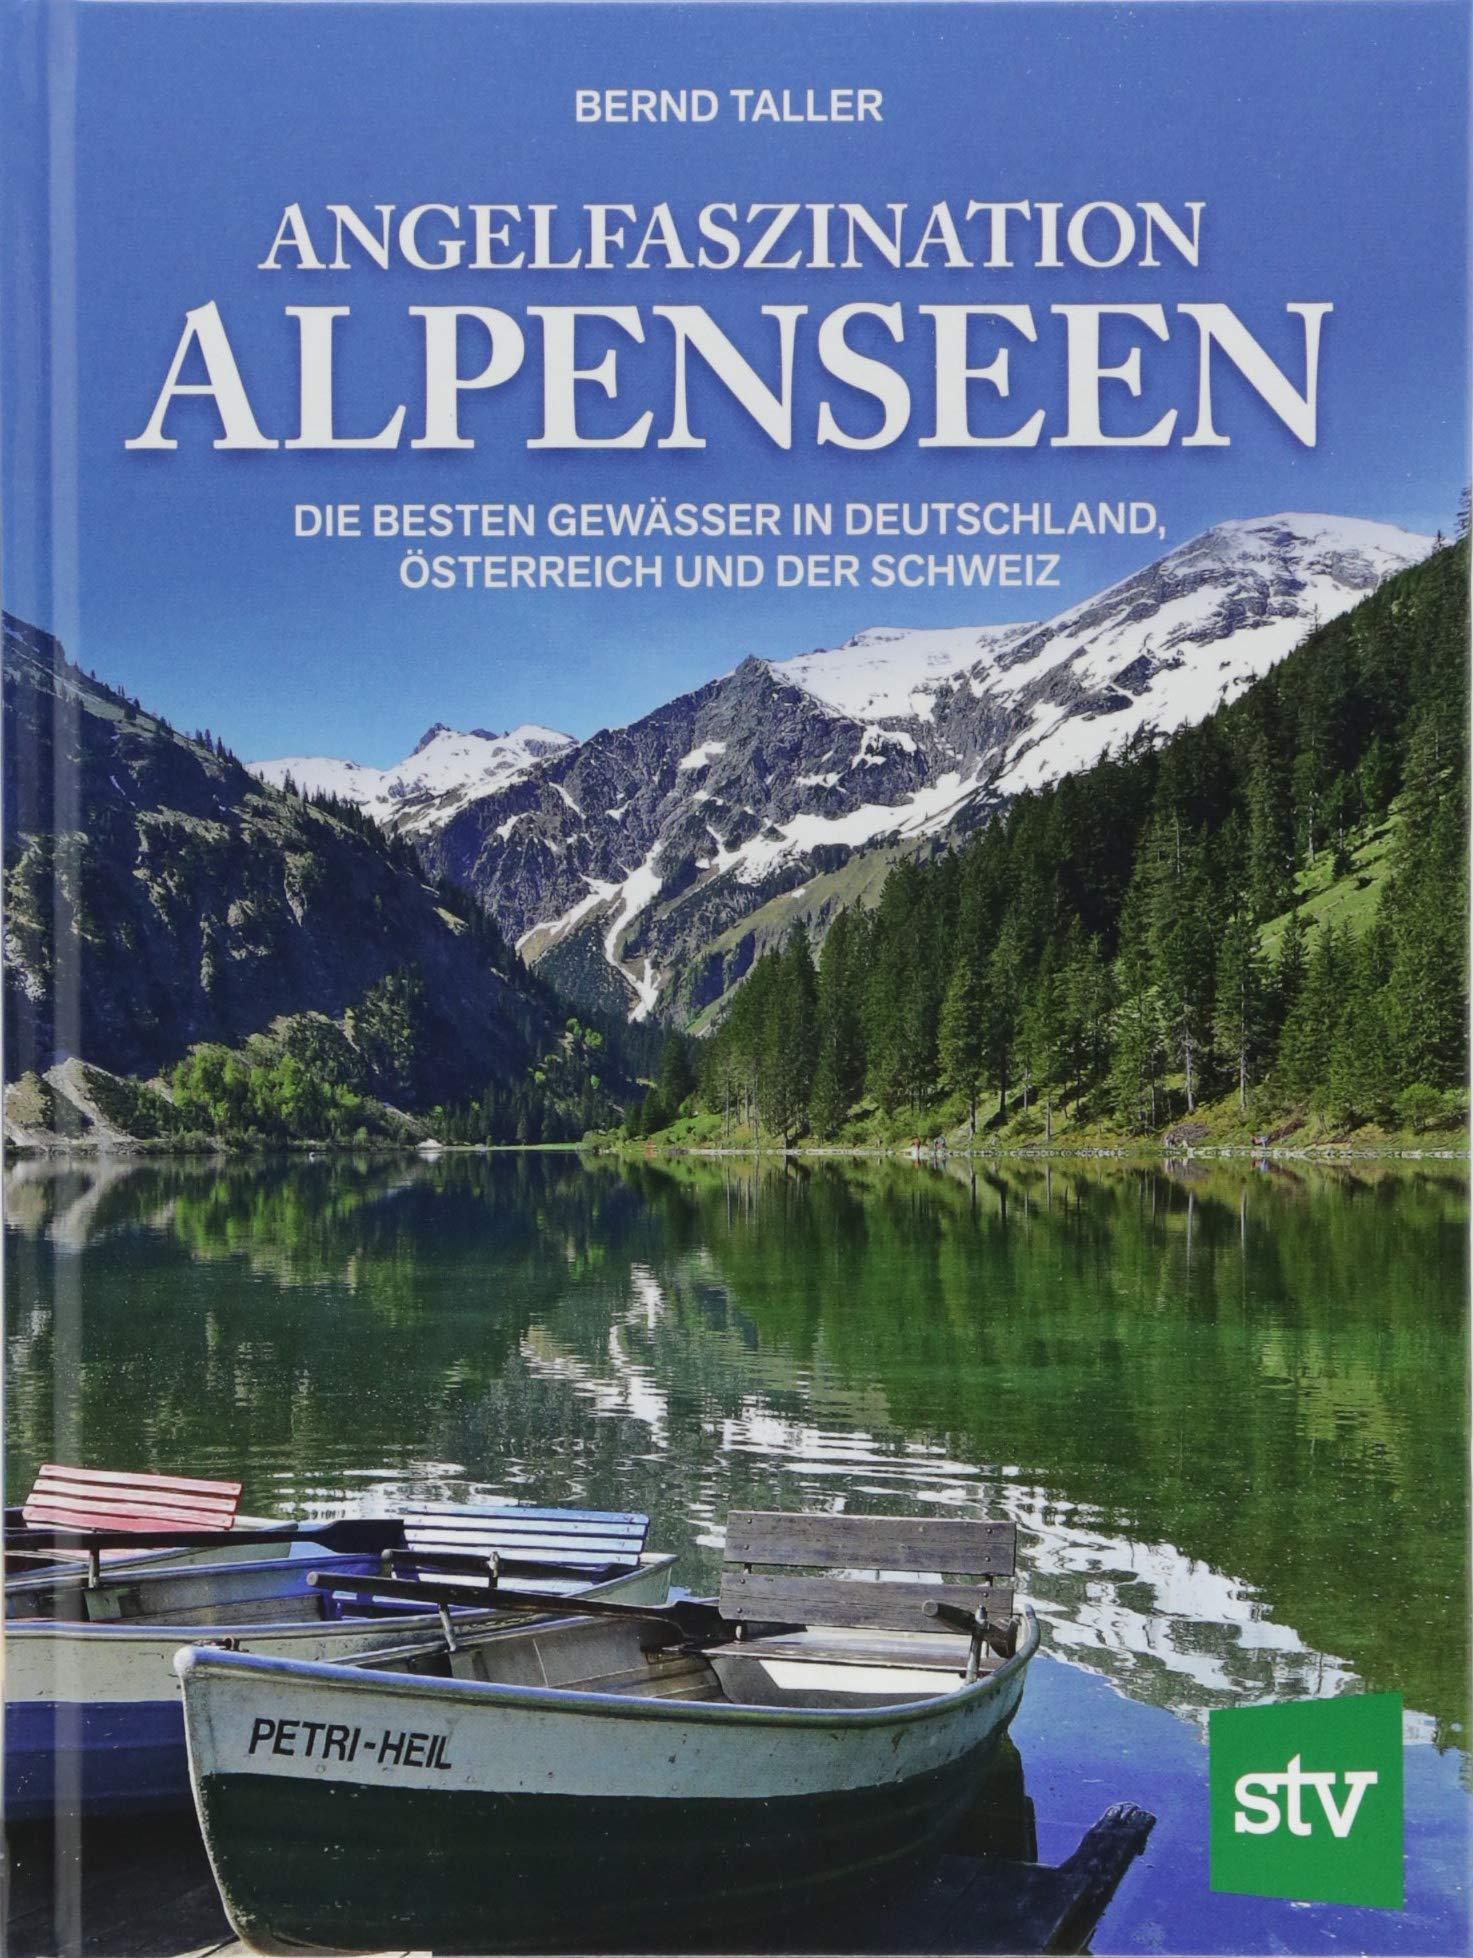 Angelfaszination Alpenseen: Die besten Gewässer in Deutschland, Österreich und der Schweiz Gebundenes Buch – 4. Juni 2018 Bernd Taller Stocker L 3702017267